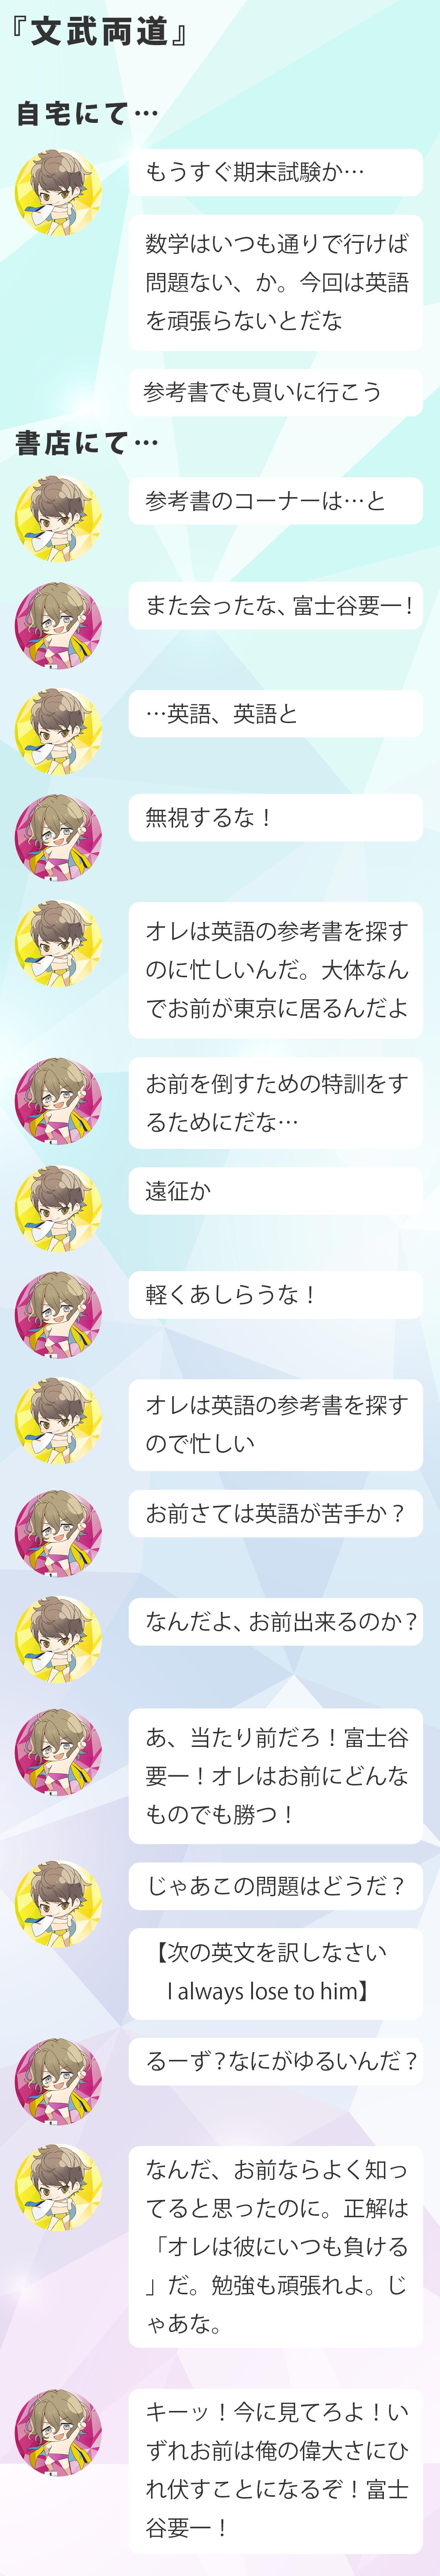 episode_jyunkudo.png